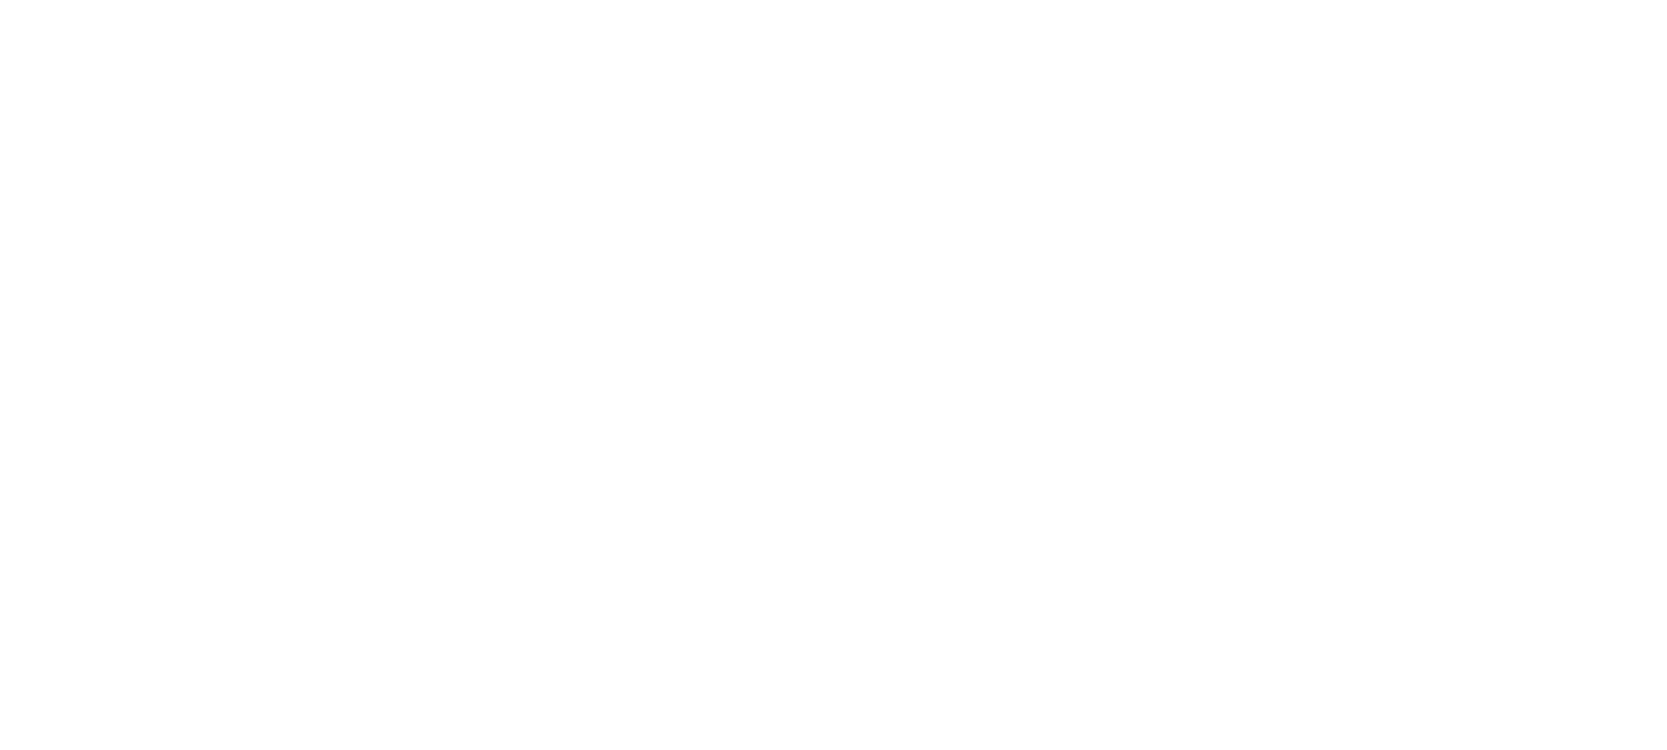 Взять в прокат Емкости Клетки Клетка «Лючия 1»; Нижний Новгород ,  ул.; Описание: Форма: Параллелепипед Высота: 43 см Ширина: 19 см Глубина: 27 см